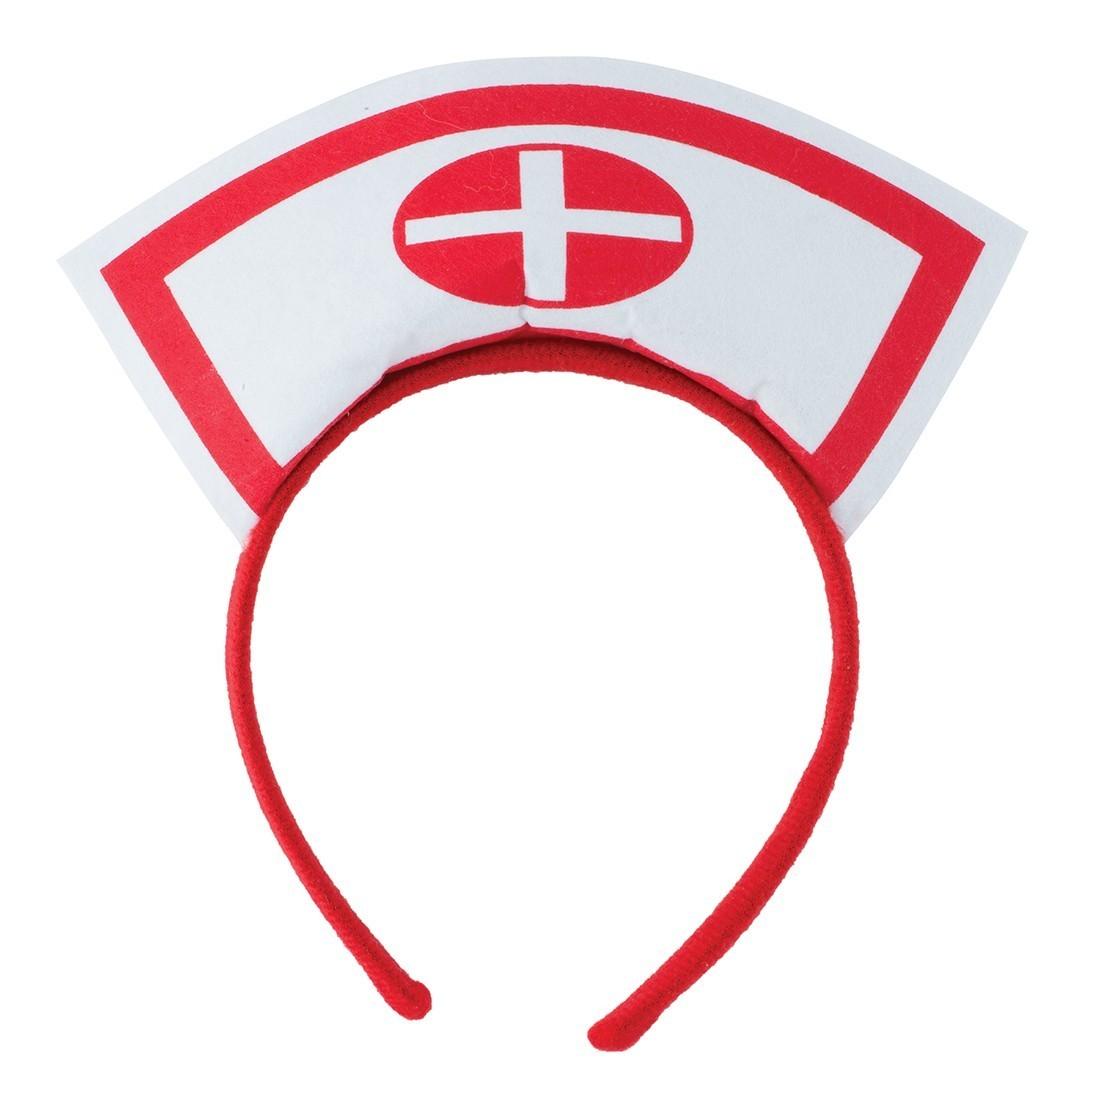 Nurse Head Bands [image]